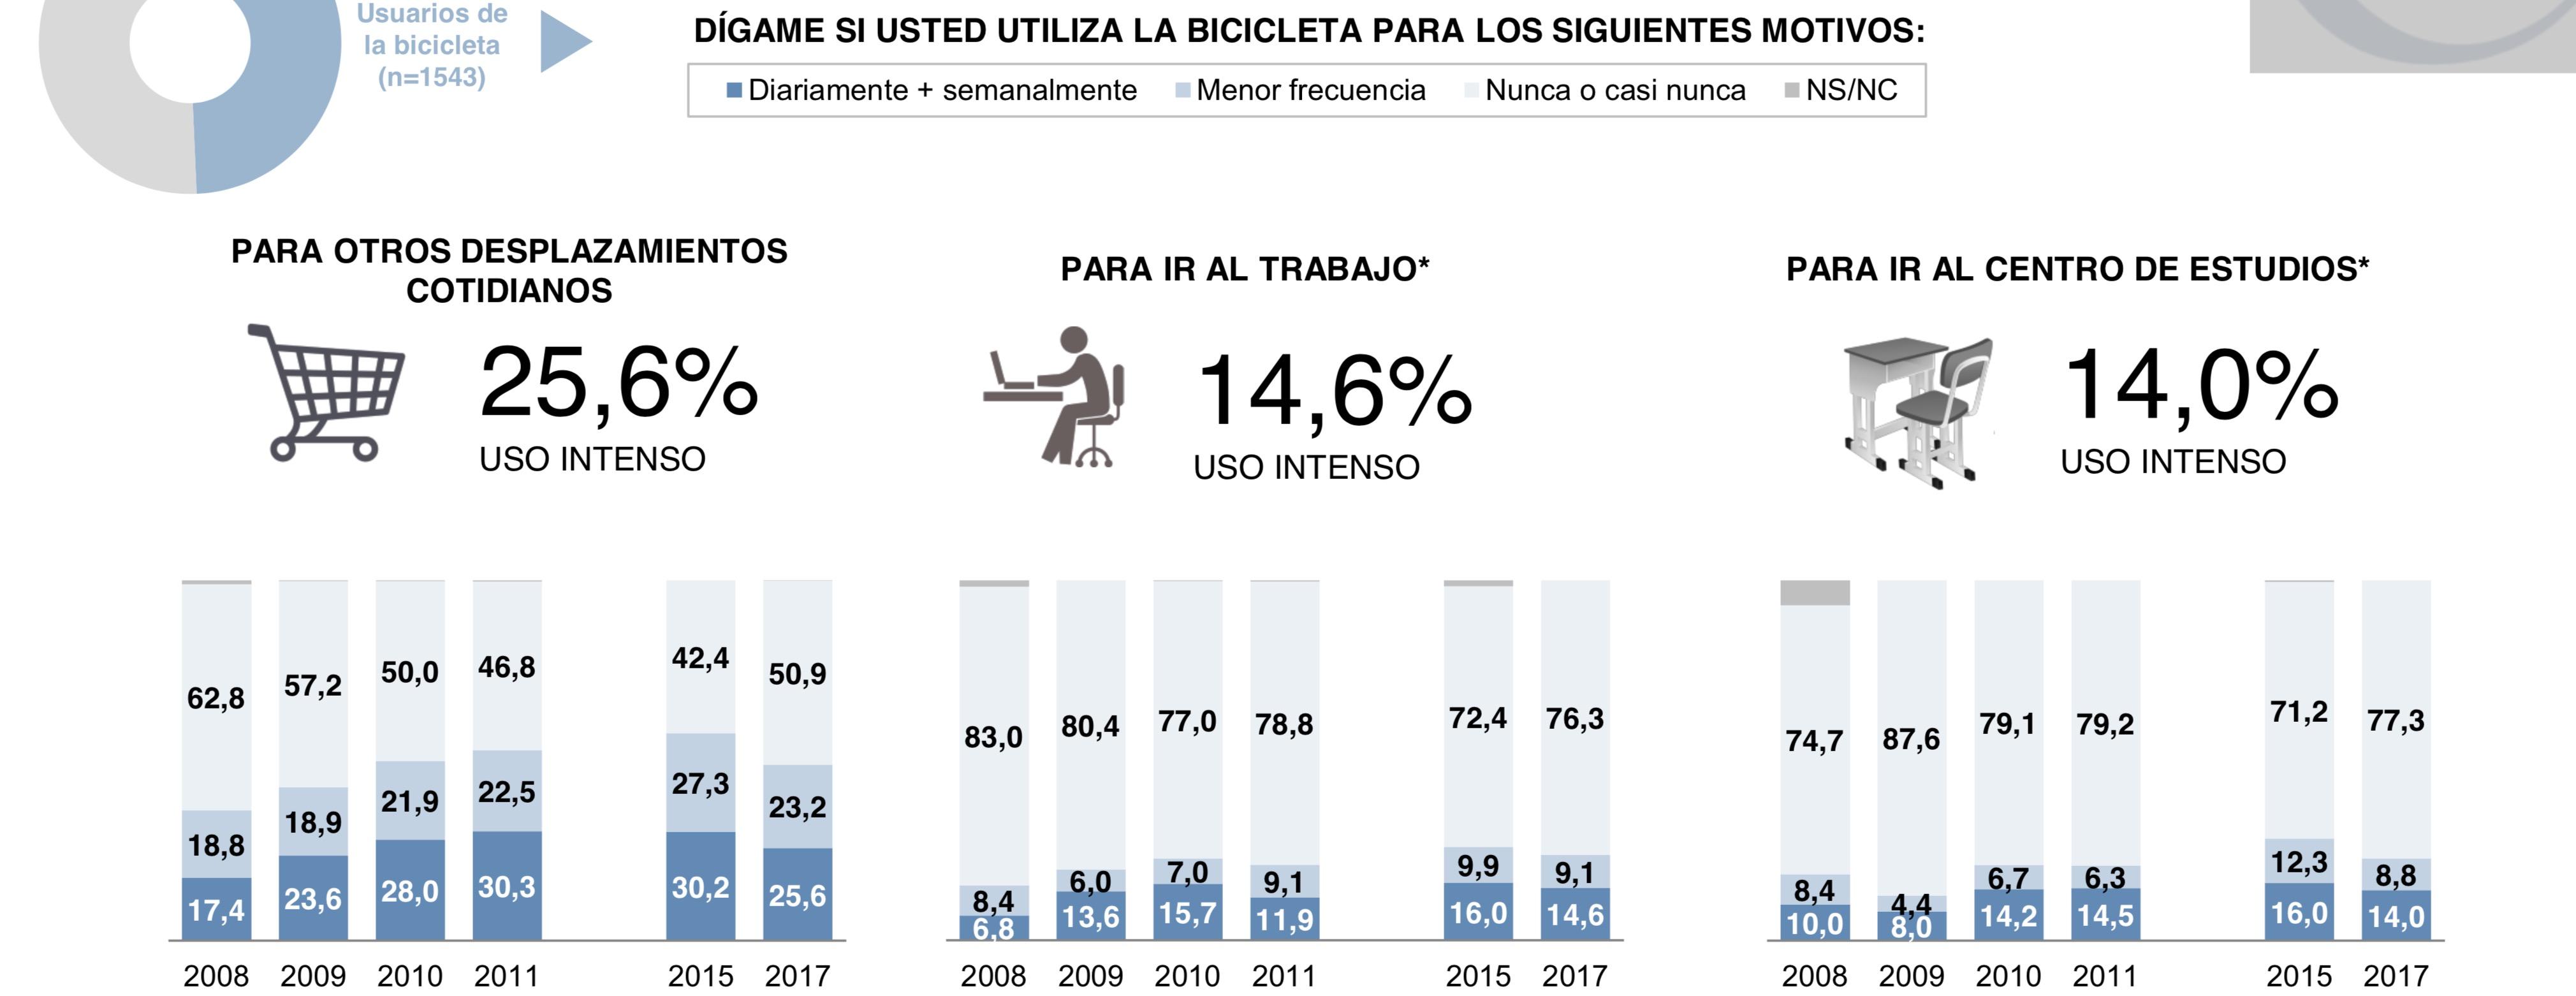 Gráfica de la evolución del uso de la bici por años y modalidades. Ligero descenso de uso en 2017